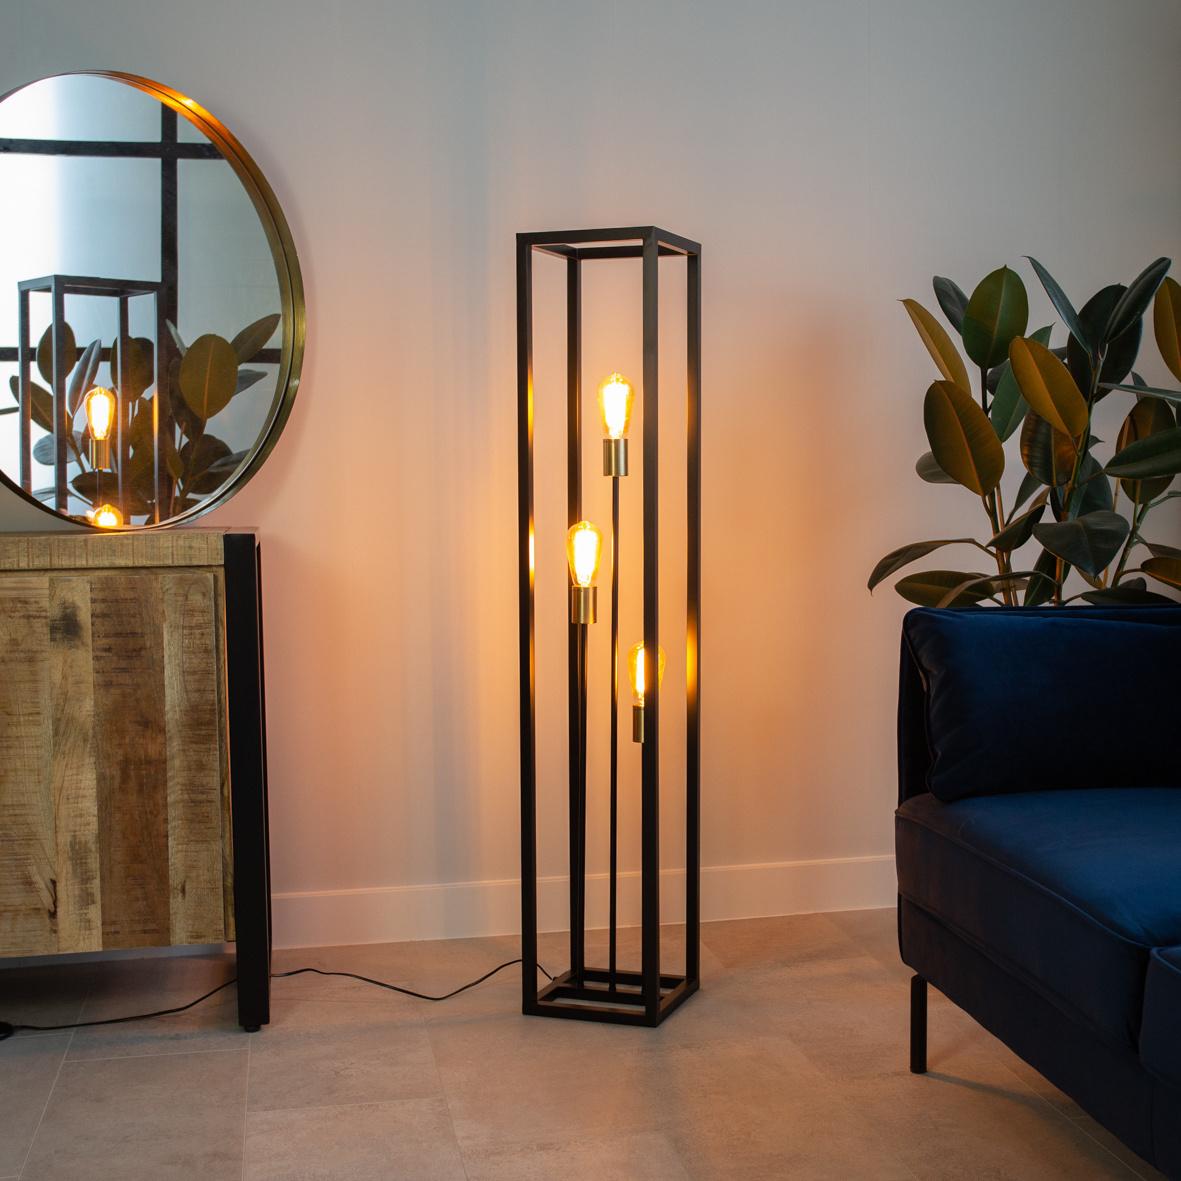 Décorer les plus beaux endroits de votre maison avec nos lampadaires Dimehouse